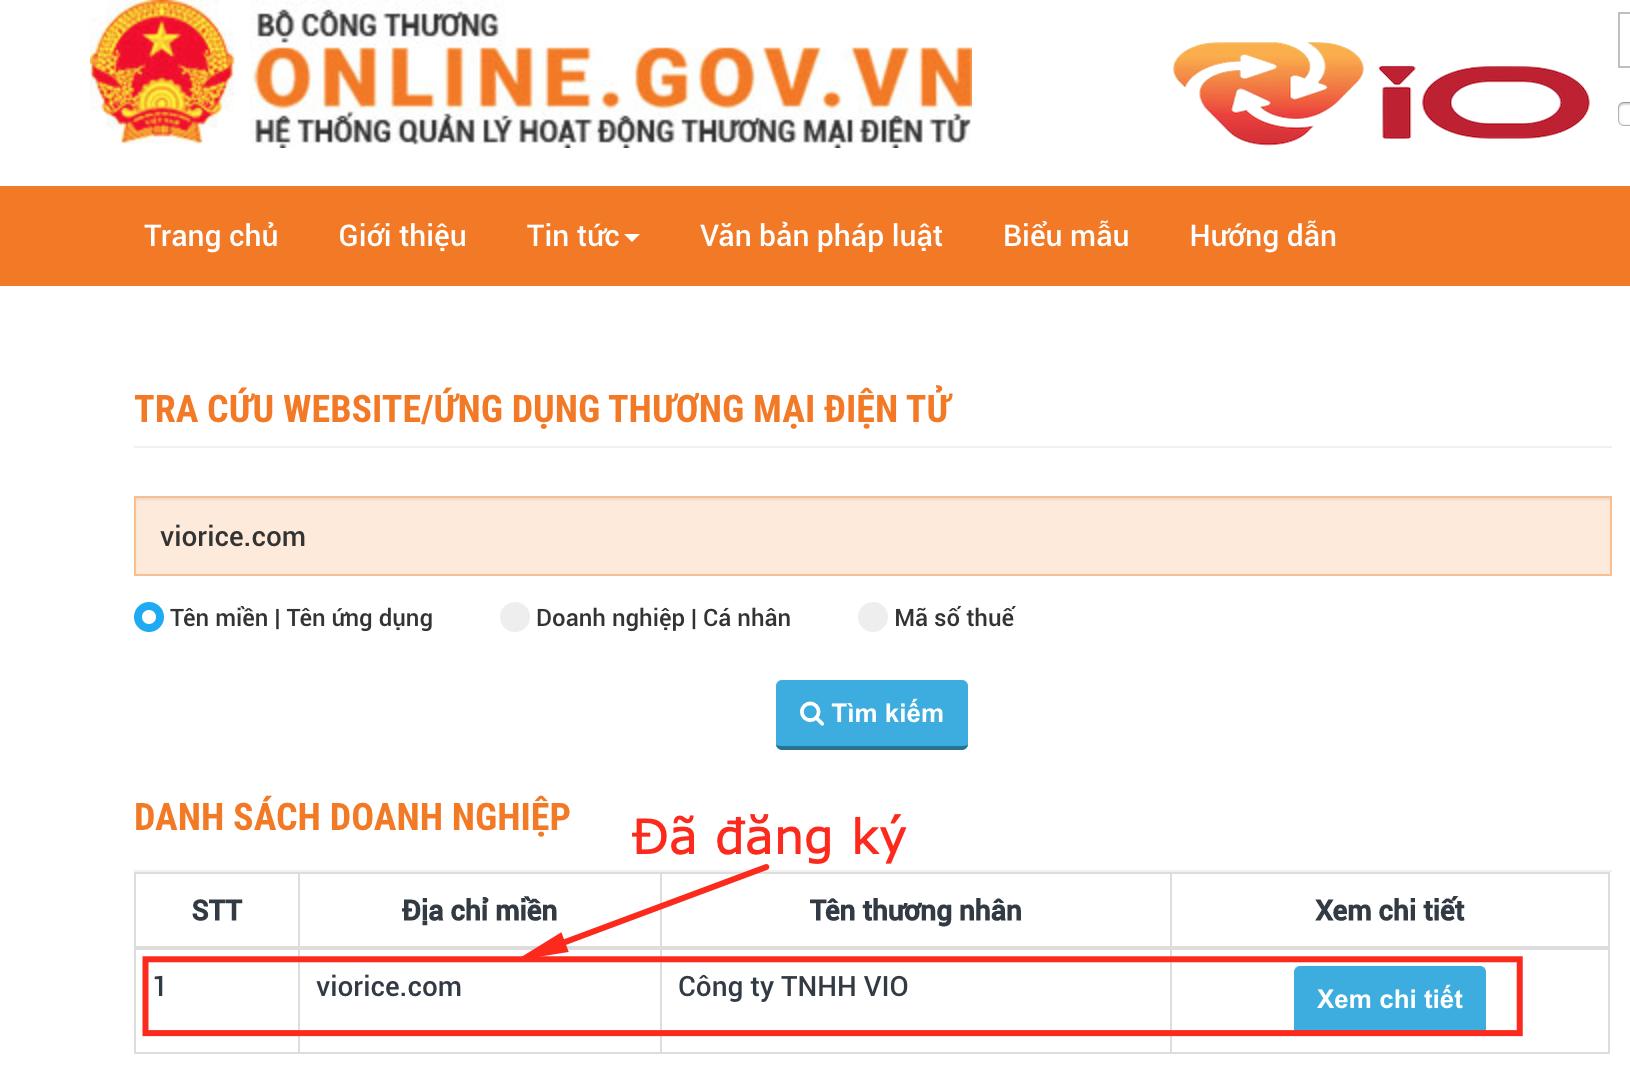 website đã được bộ công thương công nhận